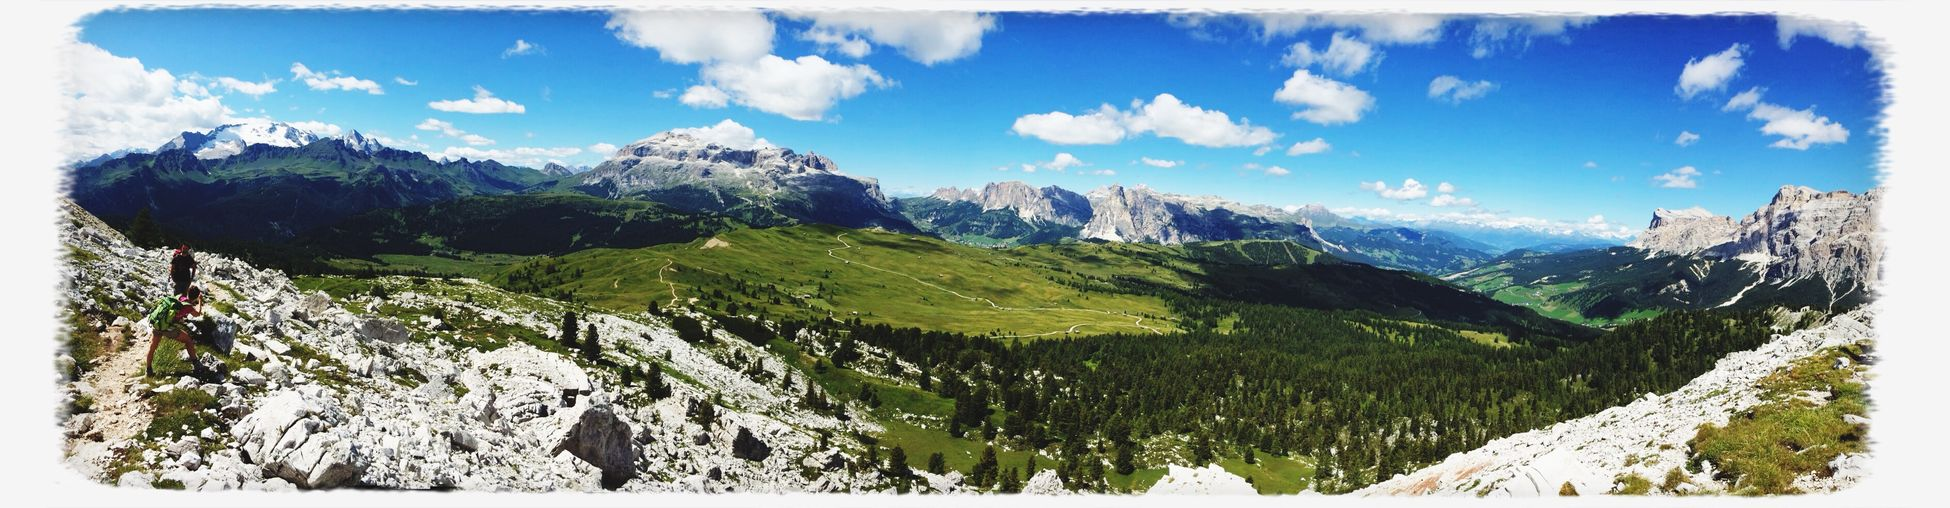 Dolomiti World Heritage